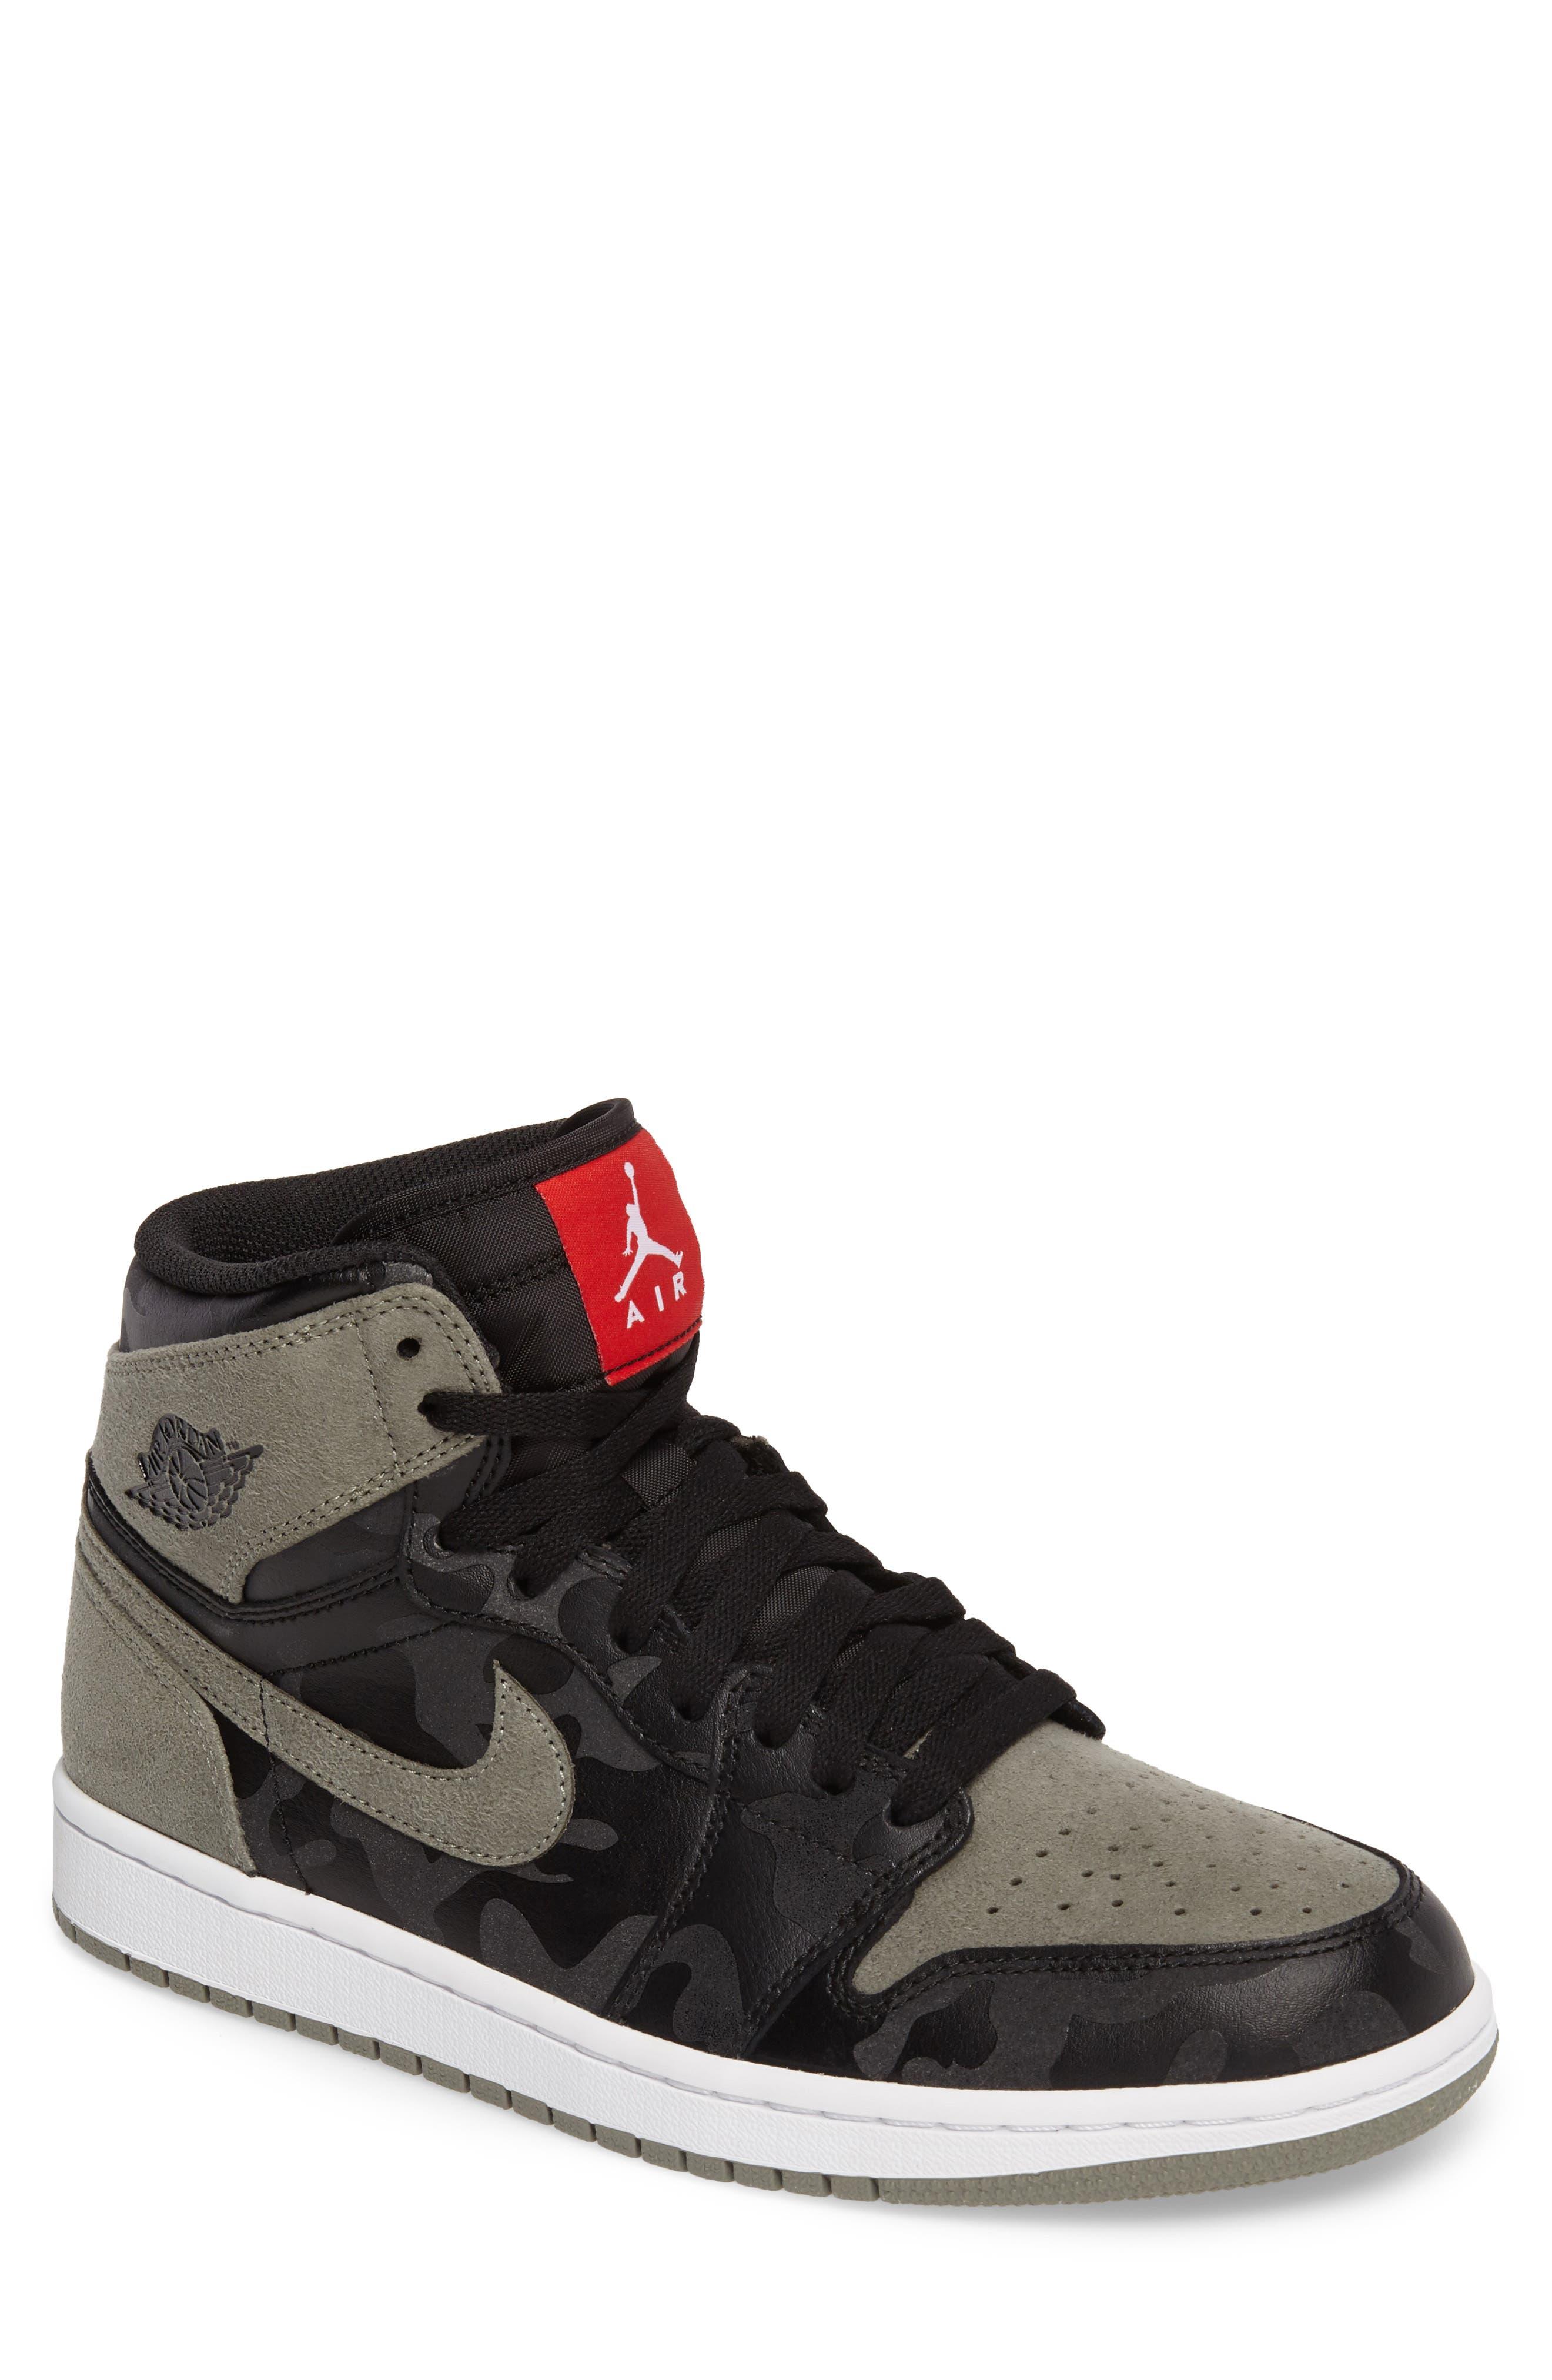 Air Jordan 1 Retro High Top Sneaker,                             Main thumbnail 1, color,                             003